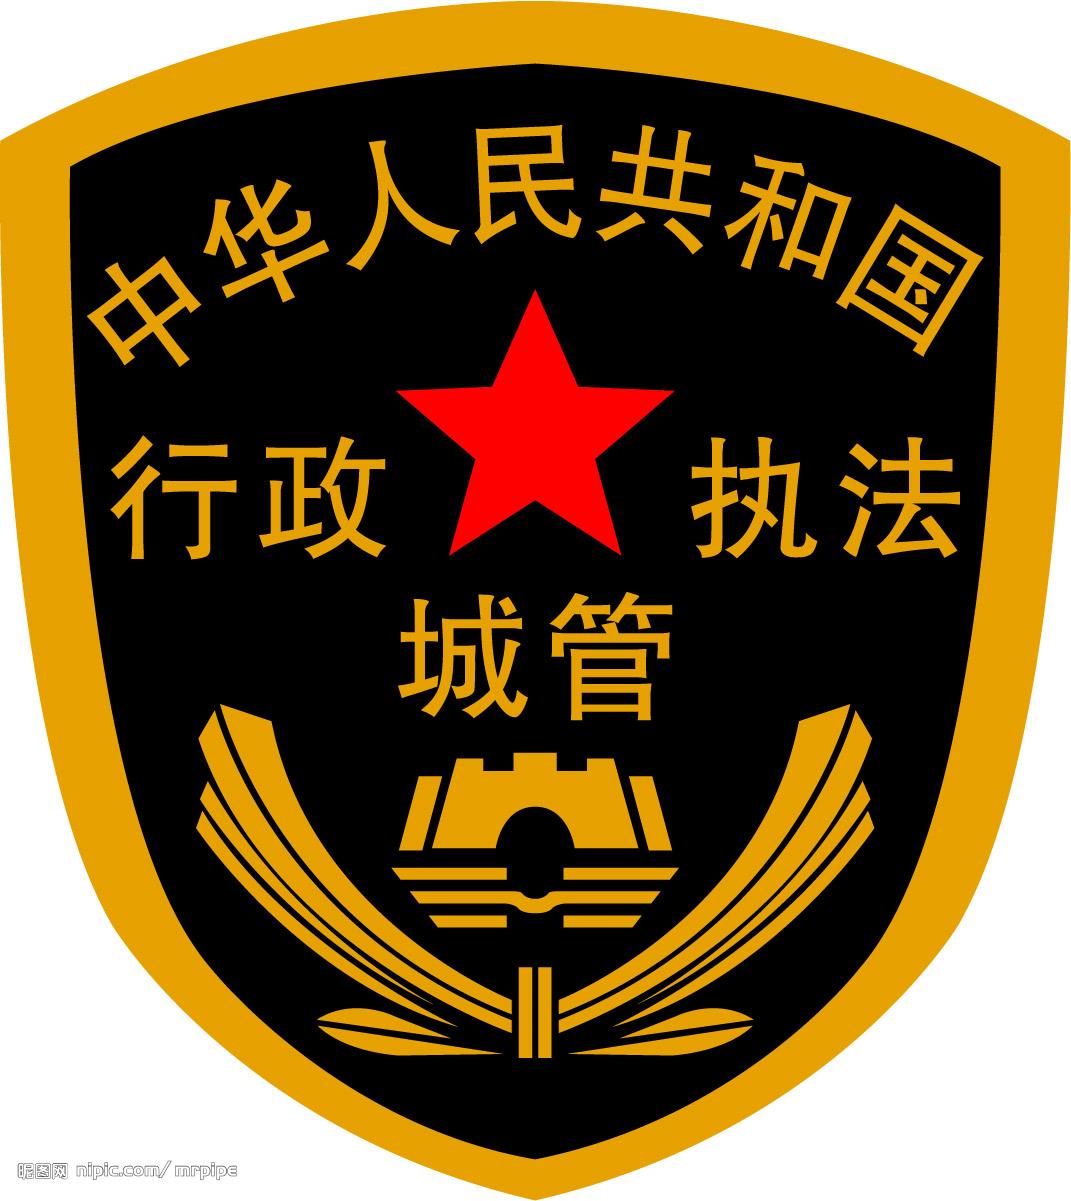 顺利完成天津城管移动执法项目的便携打印设备部署。